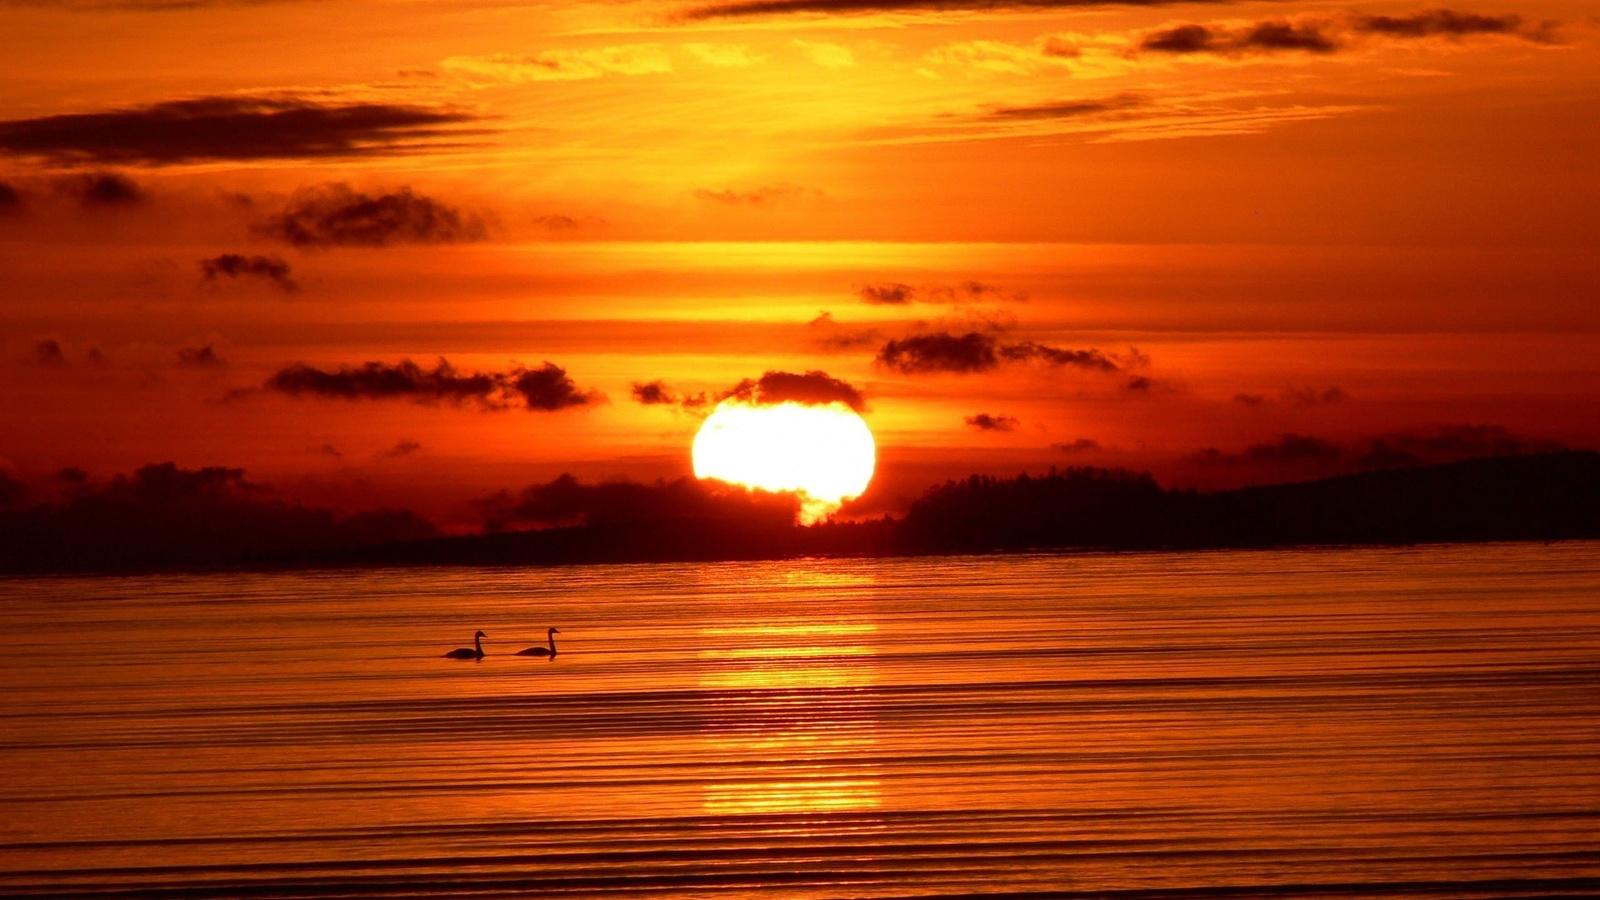 самые красивые картинки с закатом солнца название местности